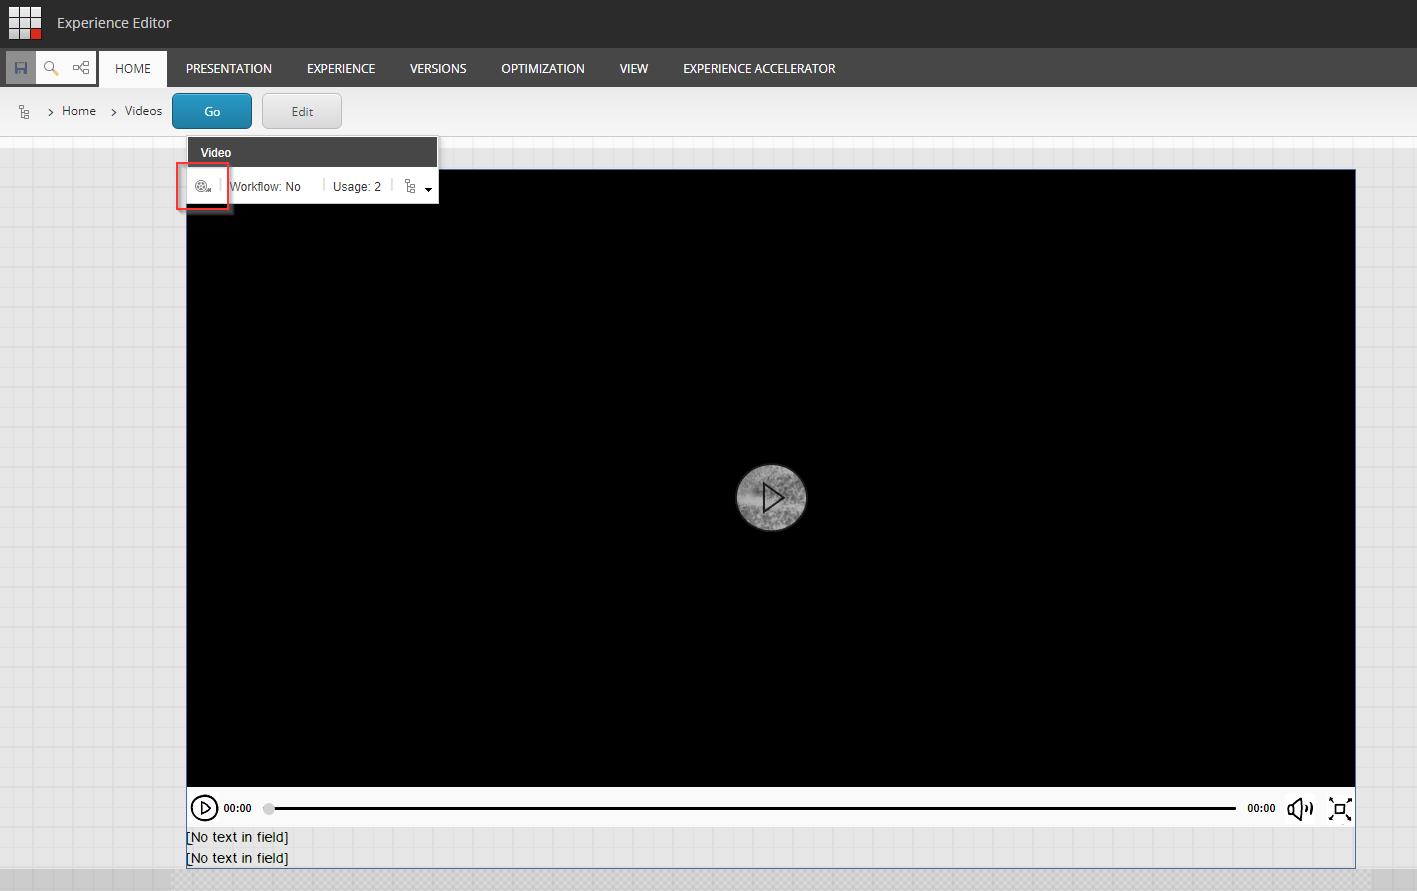 VideoSXA01a